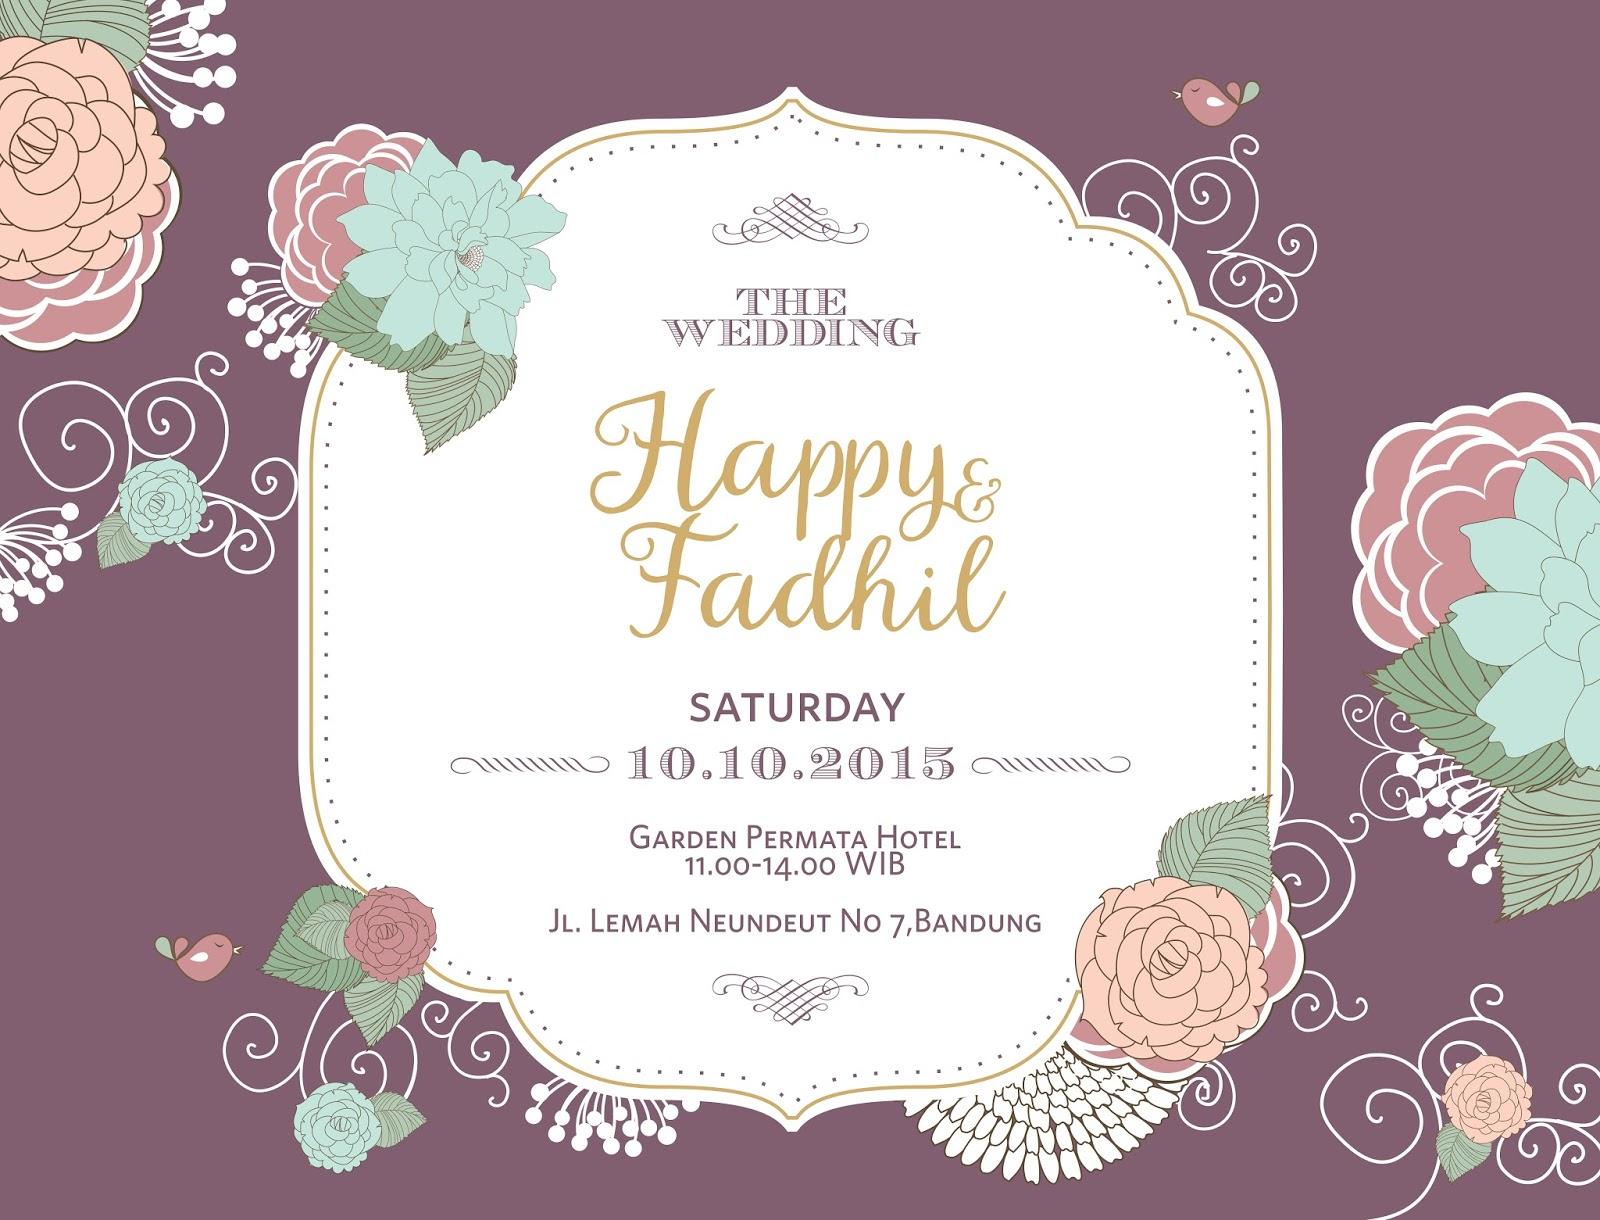 e invitation design